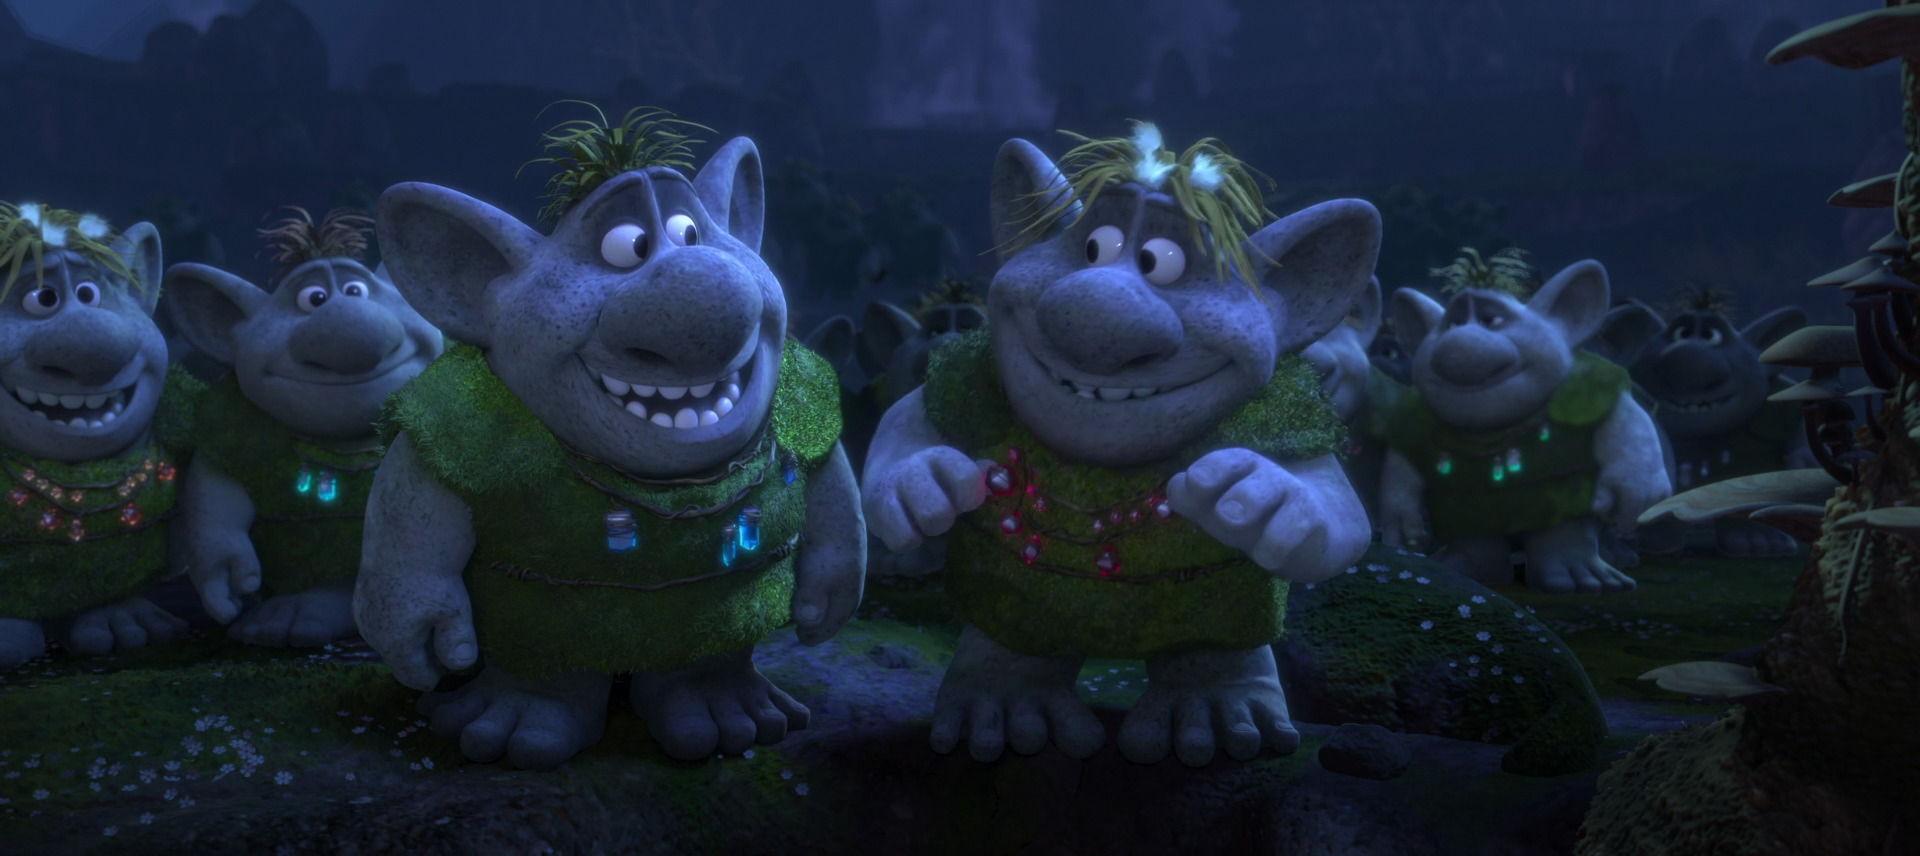 Los trolls tienen collares de colores ¿De qué color es el de Gran Pabbie?